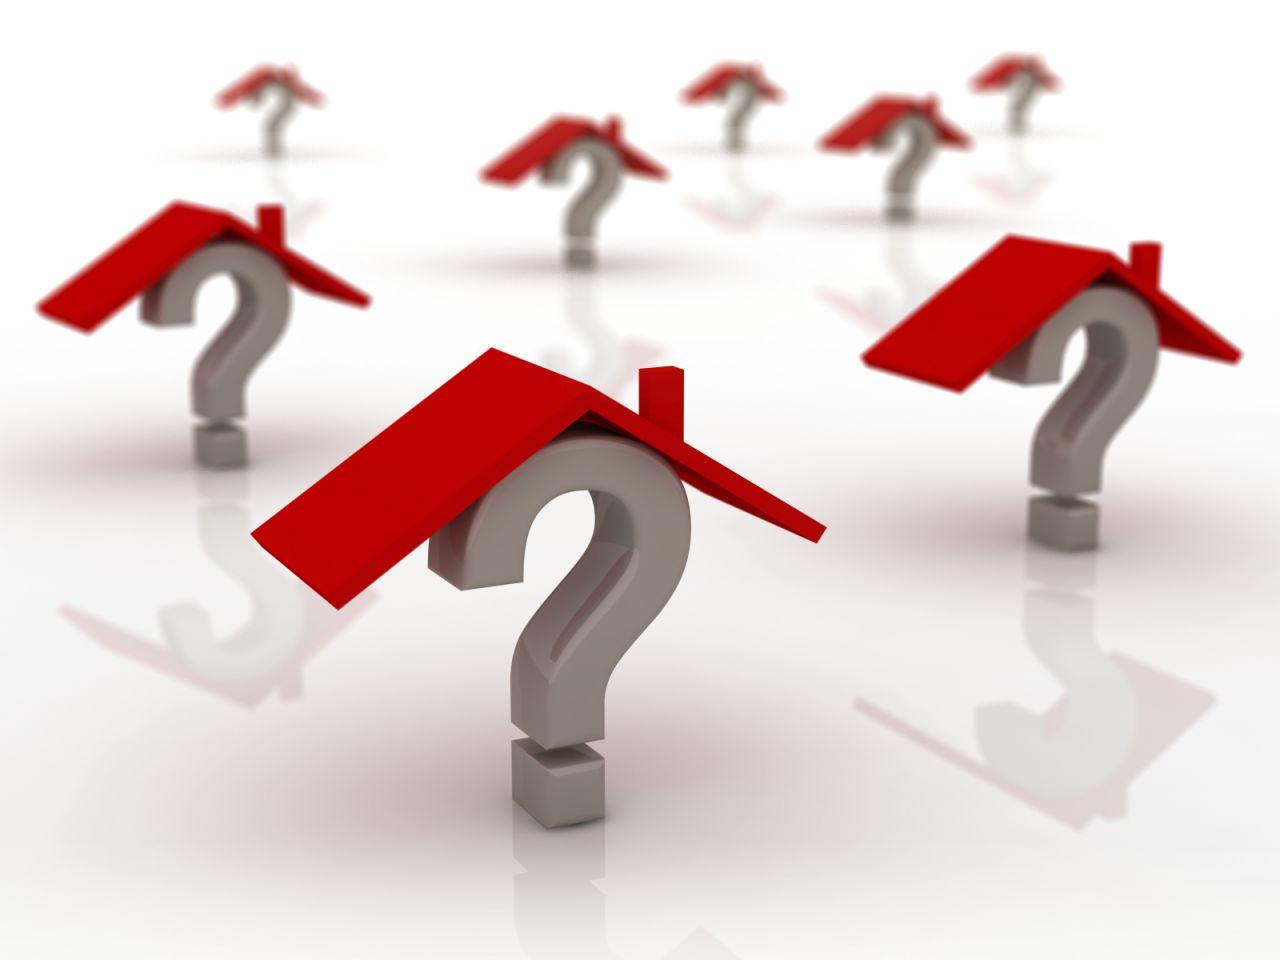 брать ли ипотеку в 2015